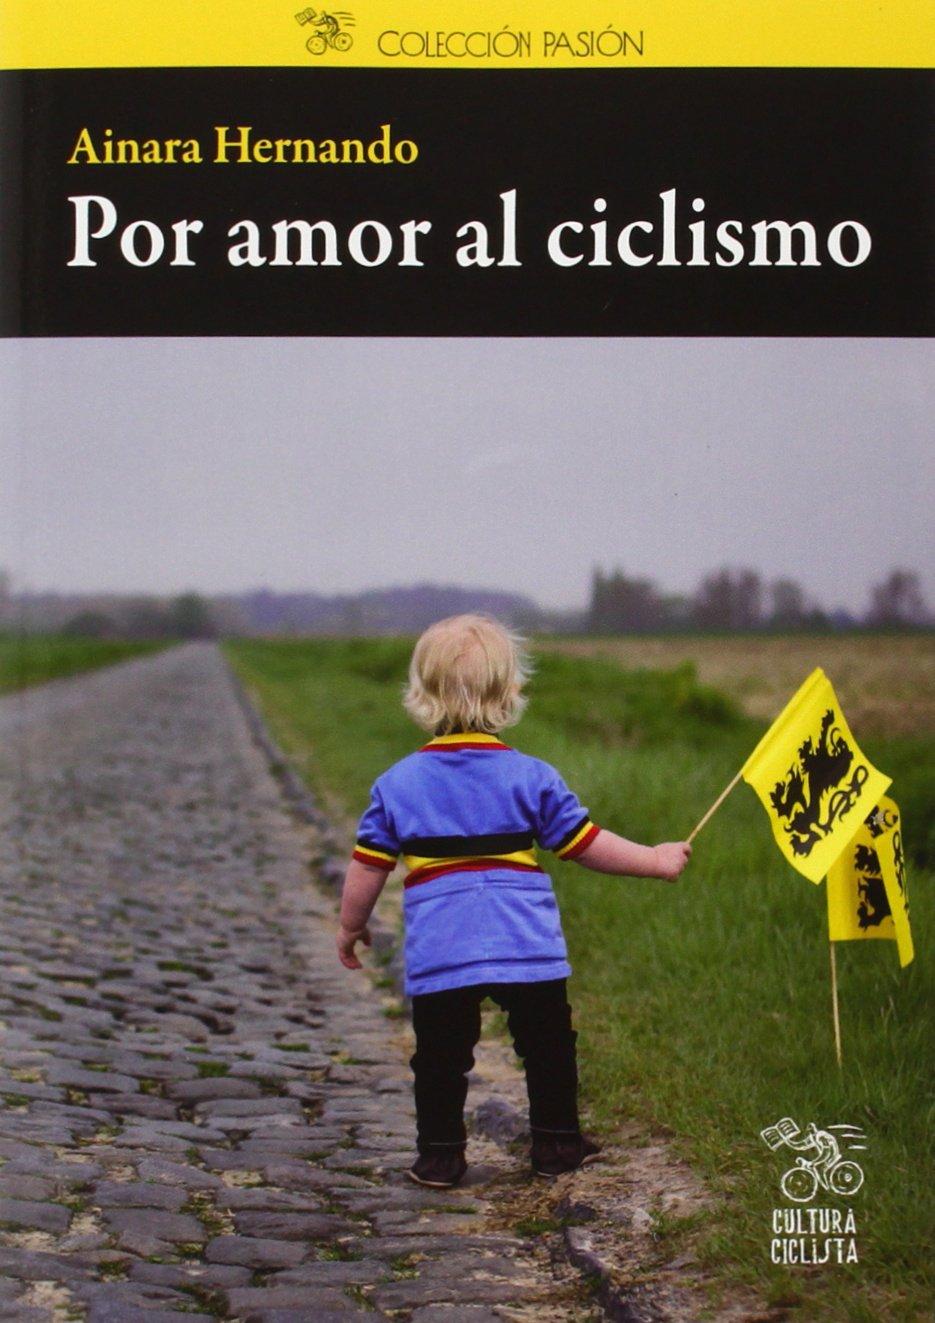 71xXYHFV40L - Libros de Ciclismo